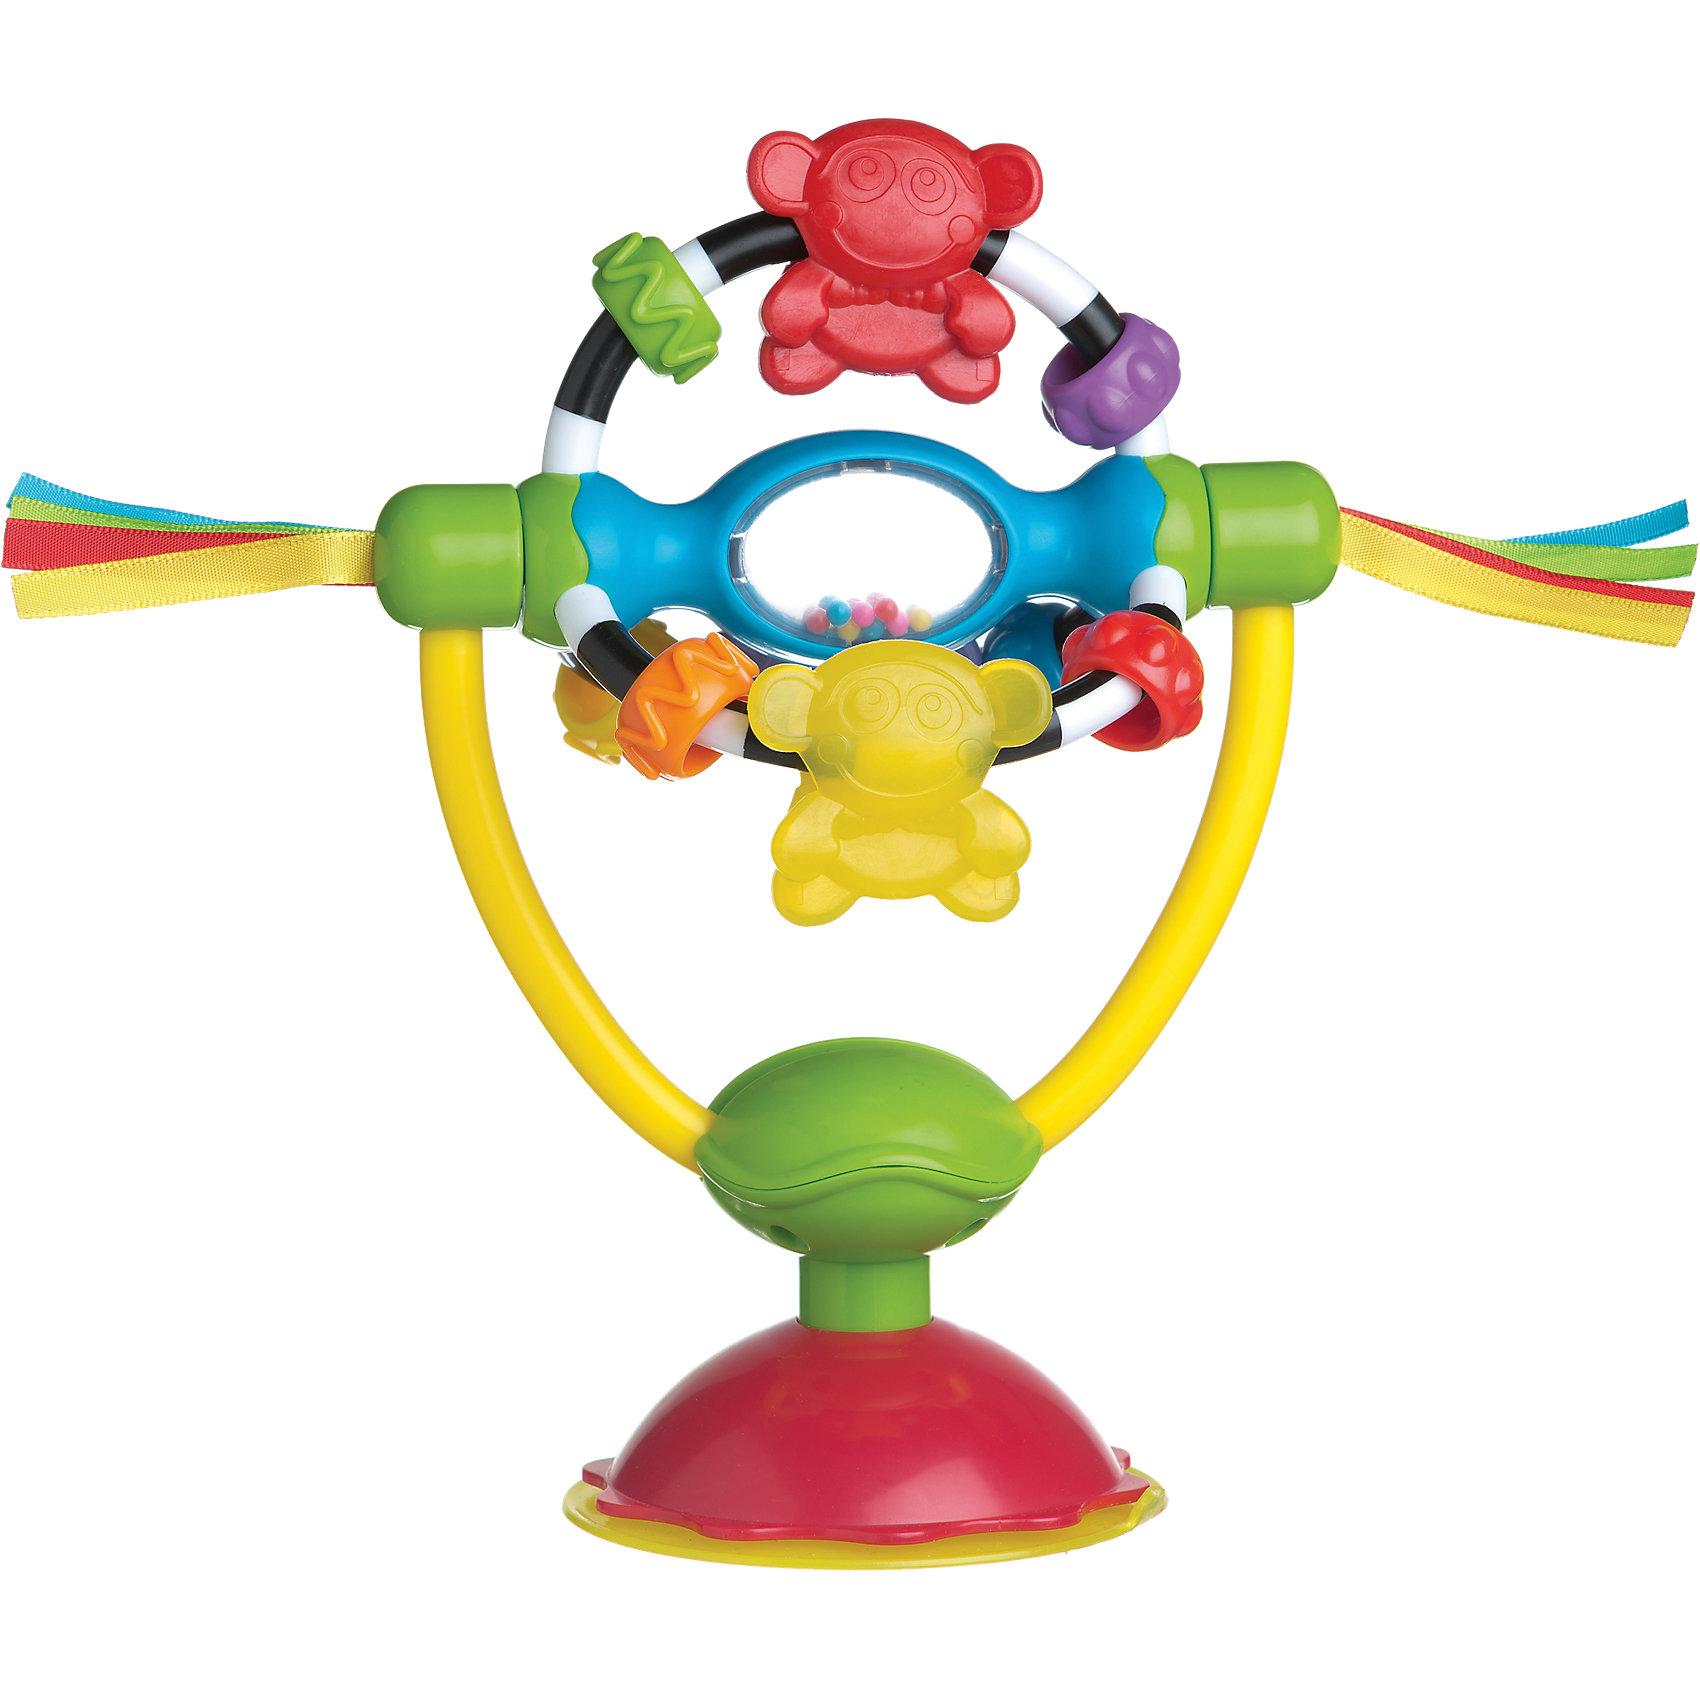 Игрушка развивающая на присоске, PlaygroЯркая разноцветная развивающая игрушка на присоске от Playgro (Плейгро)обязательно привлечет внимание вашего малыша.<br>В этой замечательной игрушке нет острых краев и мелких деталей. С помощью присоски она легко крепится на любую поверхность: на стульчик для кормления, на ходунки, на кафель в ванной. Игровая часть при желании отсоединяется от основания. 3 дуги крутятся вокруг своей оси, на каждой из которой расположены подвижные элементы: мишки и две разноцветные бусины. В центре игровой части прозрачный цилиндр с гремящими шариками внутри, а по краям разноцветные атласные ленточки. Игрушку можно использовать как прорезыватель. Она изготовлена из безопасных для здоровья ребенка, экологически чистых материалов. Игрушка поможет малышу развить мелкую моторику рук, зрительное и слуховое восприятие, тактильные ощущения и координацию движений.<br><br>Дополнительная информация:<br><br>- Материал: текстиль, высококачественная пластмасса<br>- Диаметр присоски: 8.5 см.<br>- Высота с присоской: 20 см, без - 14 см.<br><br>Игрушку развивающую на присоске Playgro (Плейгро) можно купить в нашем интернет-магазине.<br><br>Ширина мм: 260<br>Глубина мм: 182<br>Высота мм: 93<br>Вес г: 198<br>Цвет: разноцветный<br>Возраст от месяцев: 0<br>Возраст до месяцев: 12<br>Пол: Унисекс<br>Возраст: Детский<br>SKU: 3271399